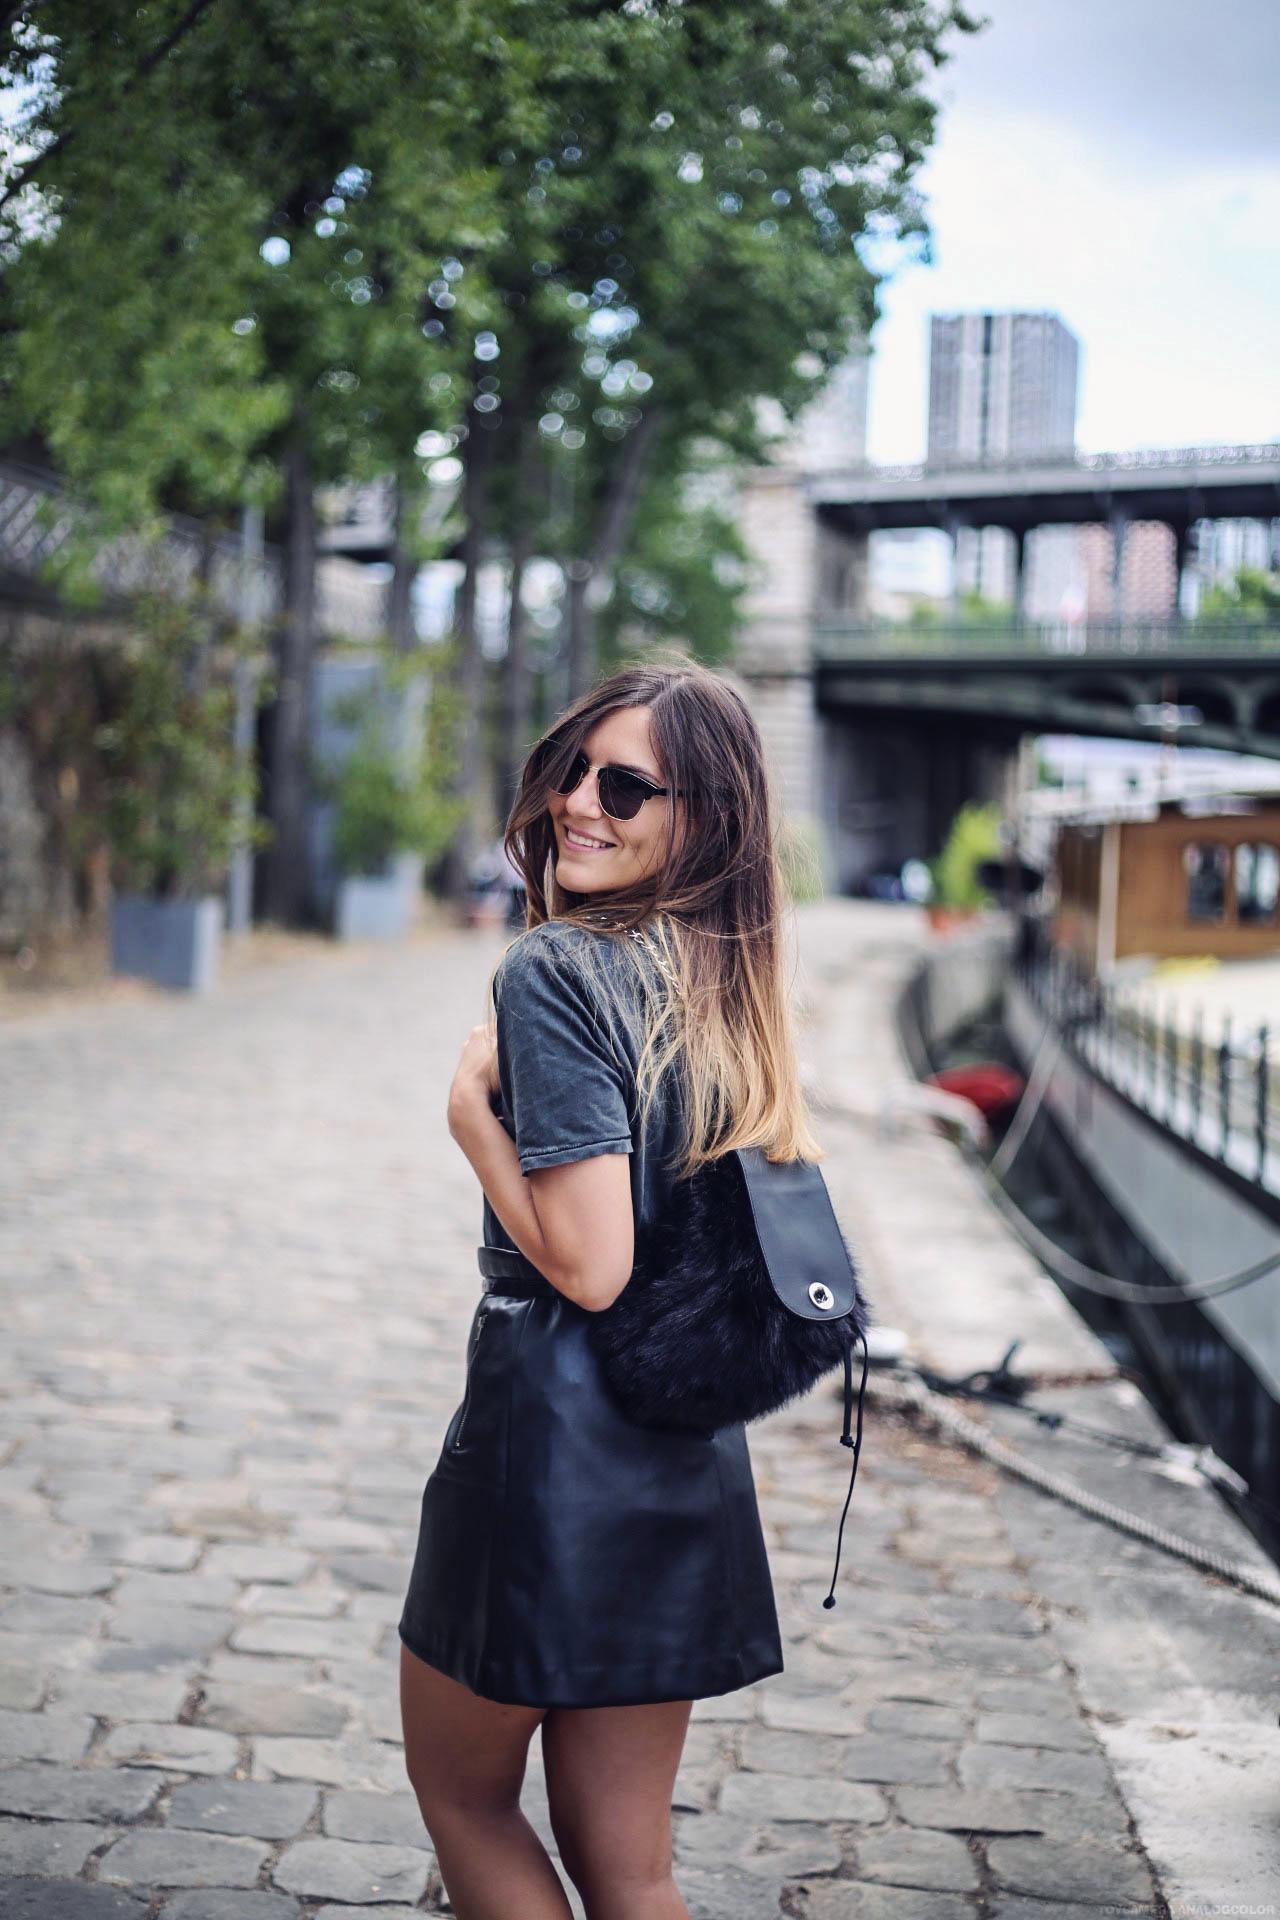 comment porter le sac a dos blog mode les caprices d iris1